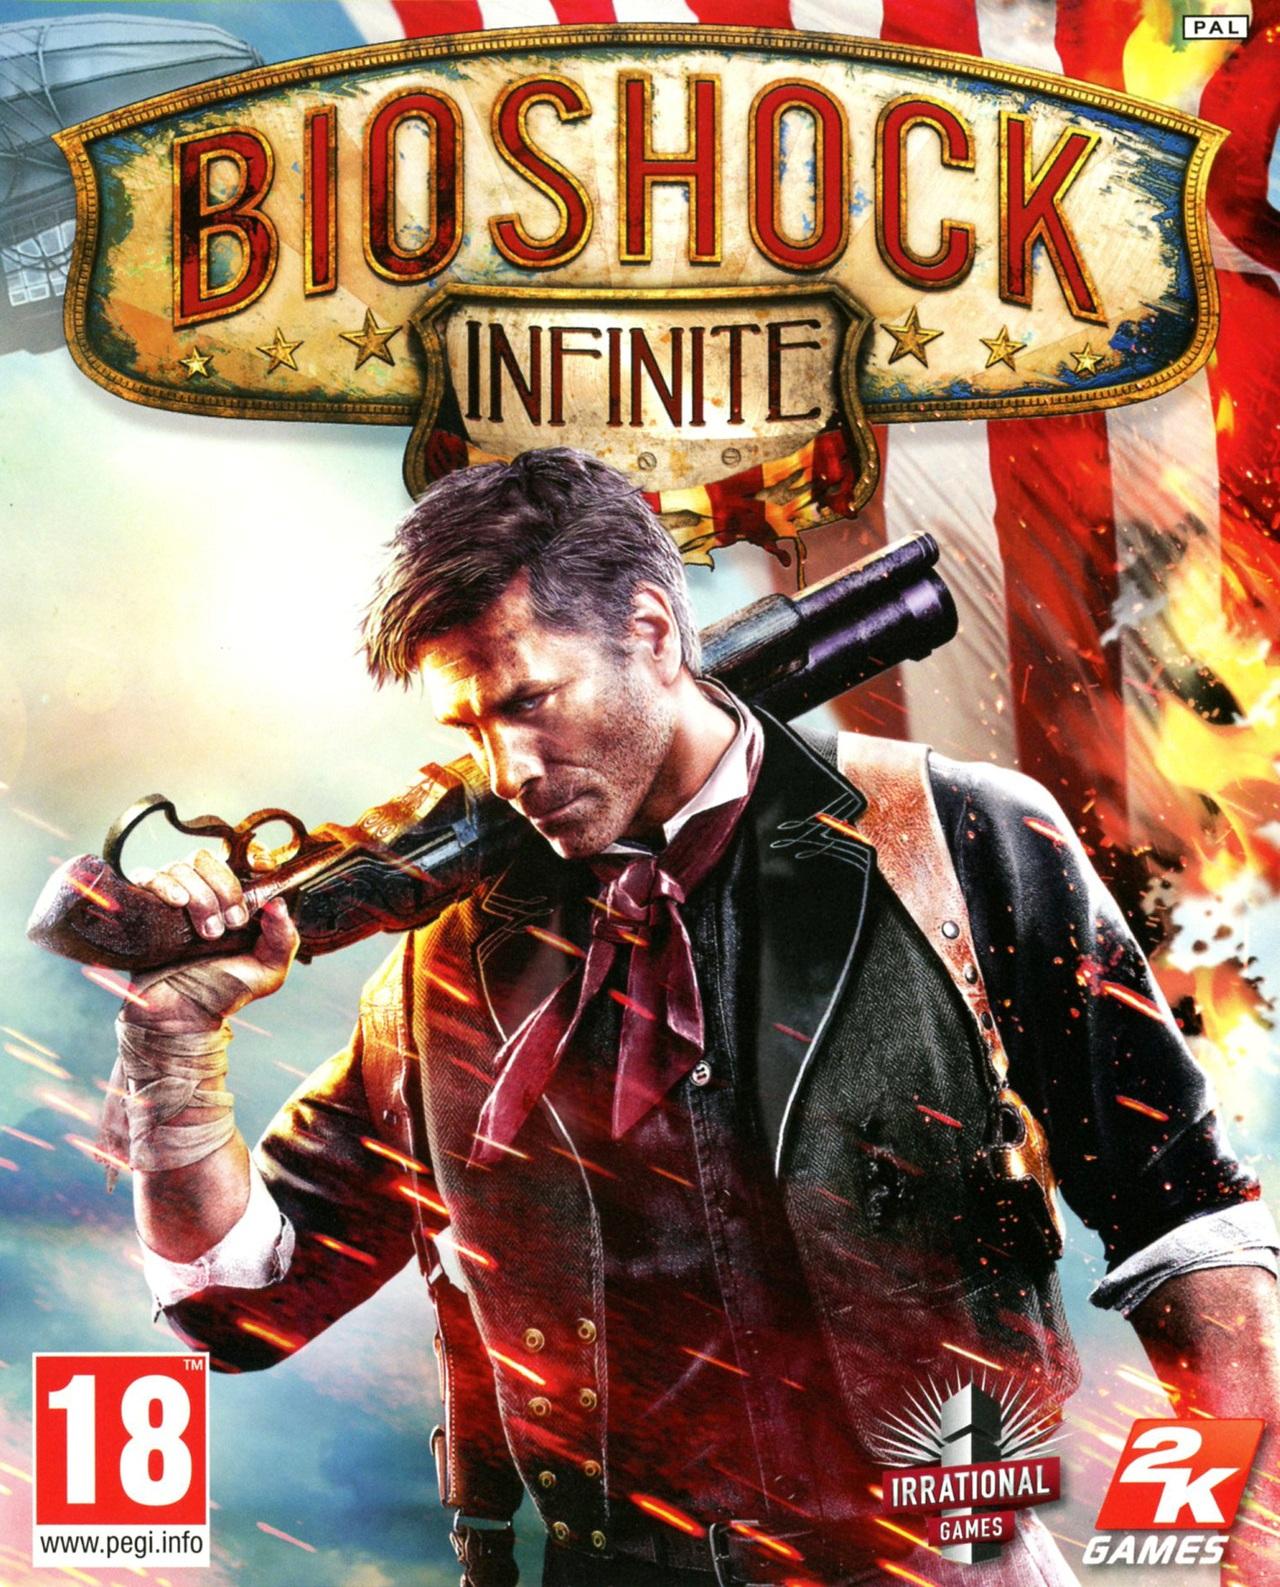 Bioshock infinite bioshock wiki fandom powered by wikia - Bioshock wikia ...